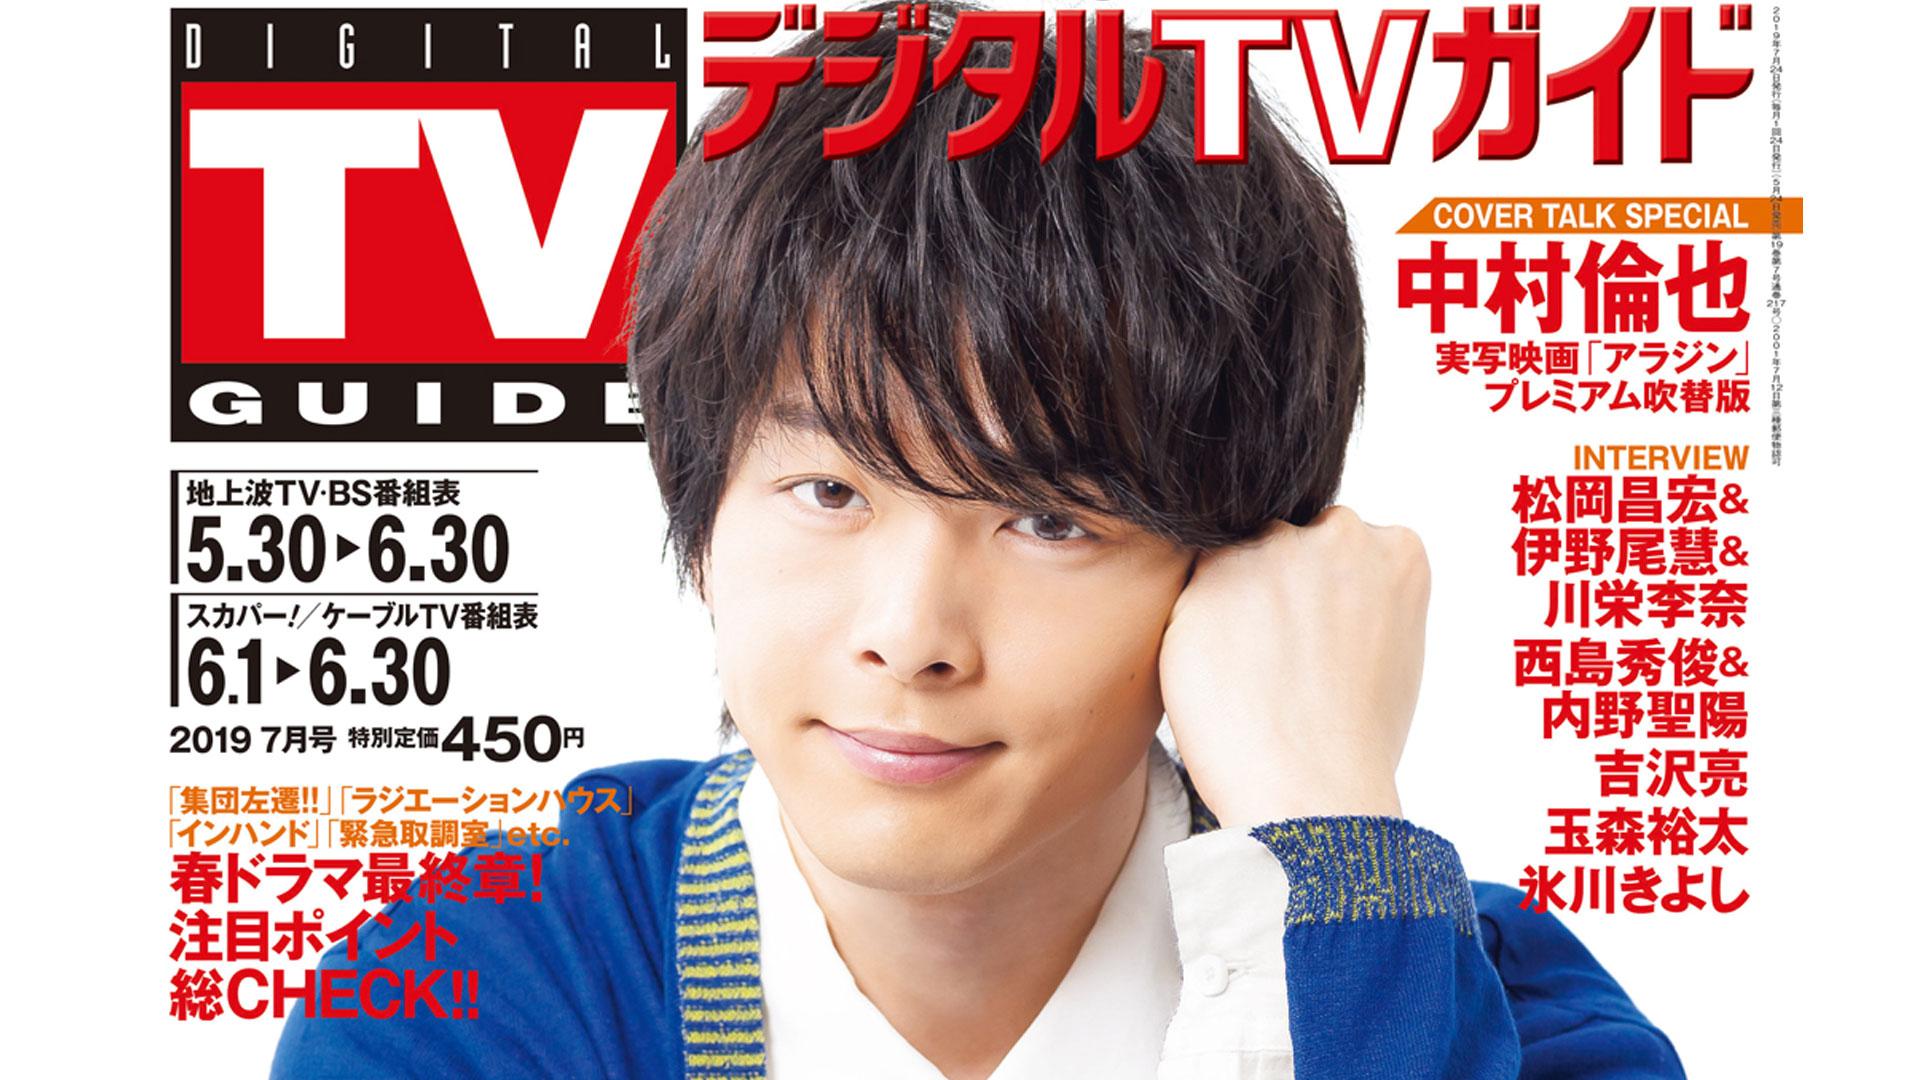 【中村倫也が表紙「デジタルTVガイド」発売】他、新着トレンド5月23日